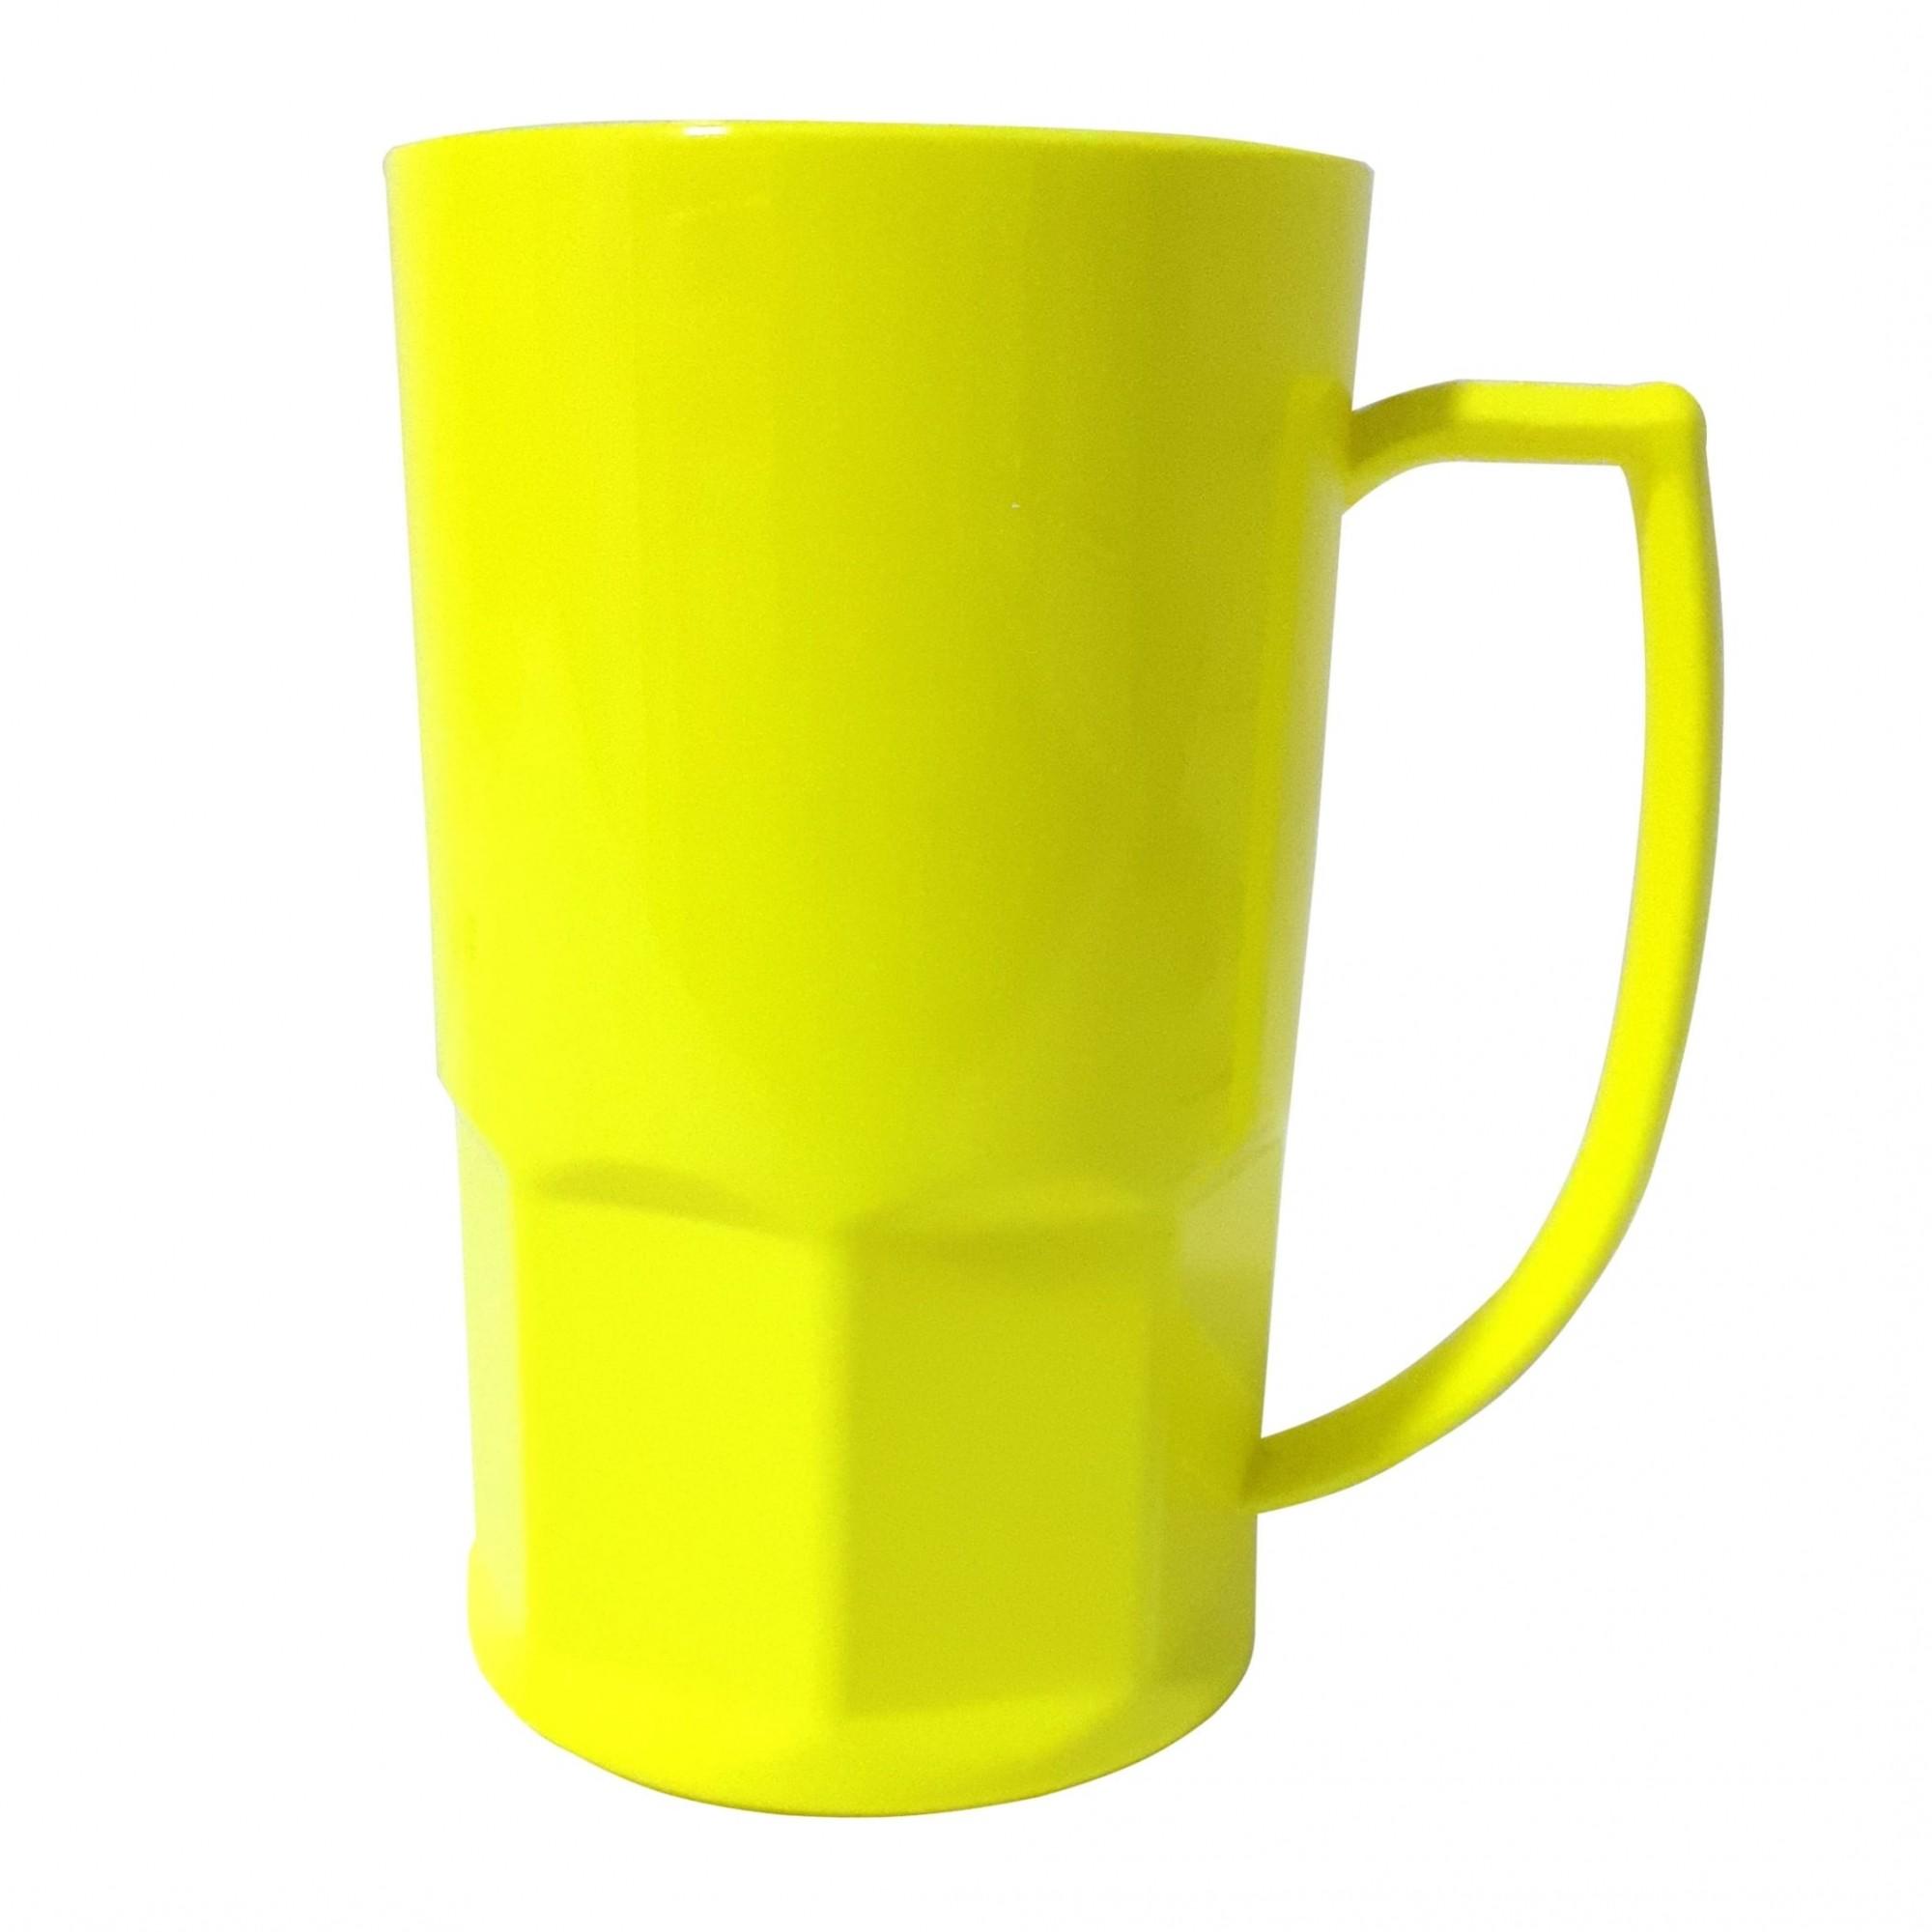 Caneca de Chopp em Polímero Para Sublimação - 500ml - Amarelo Neon